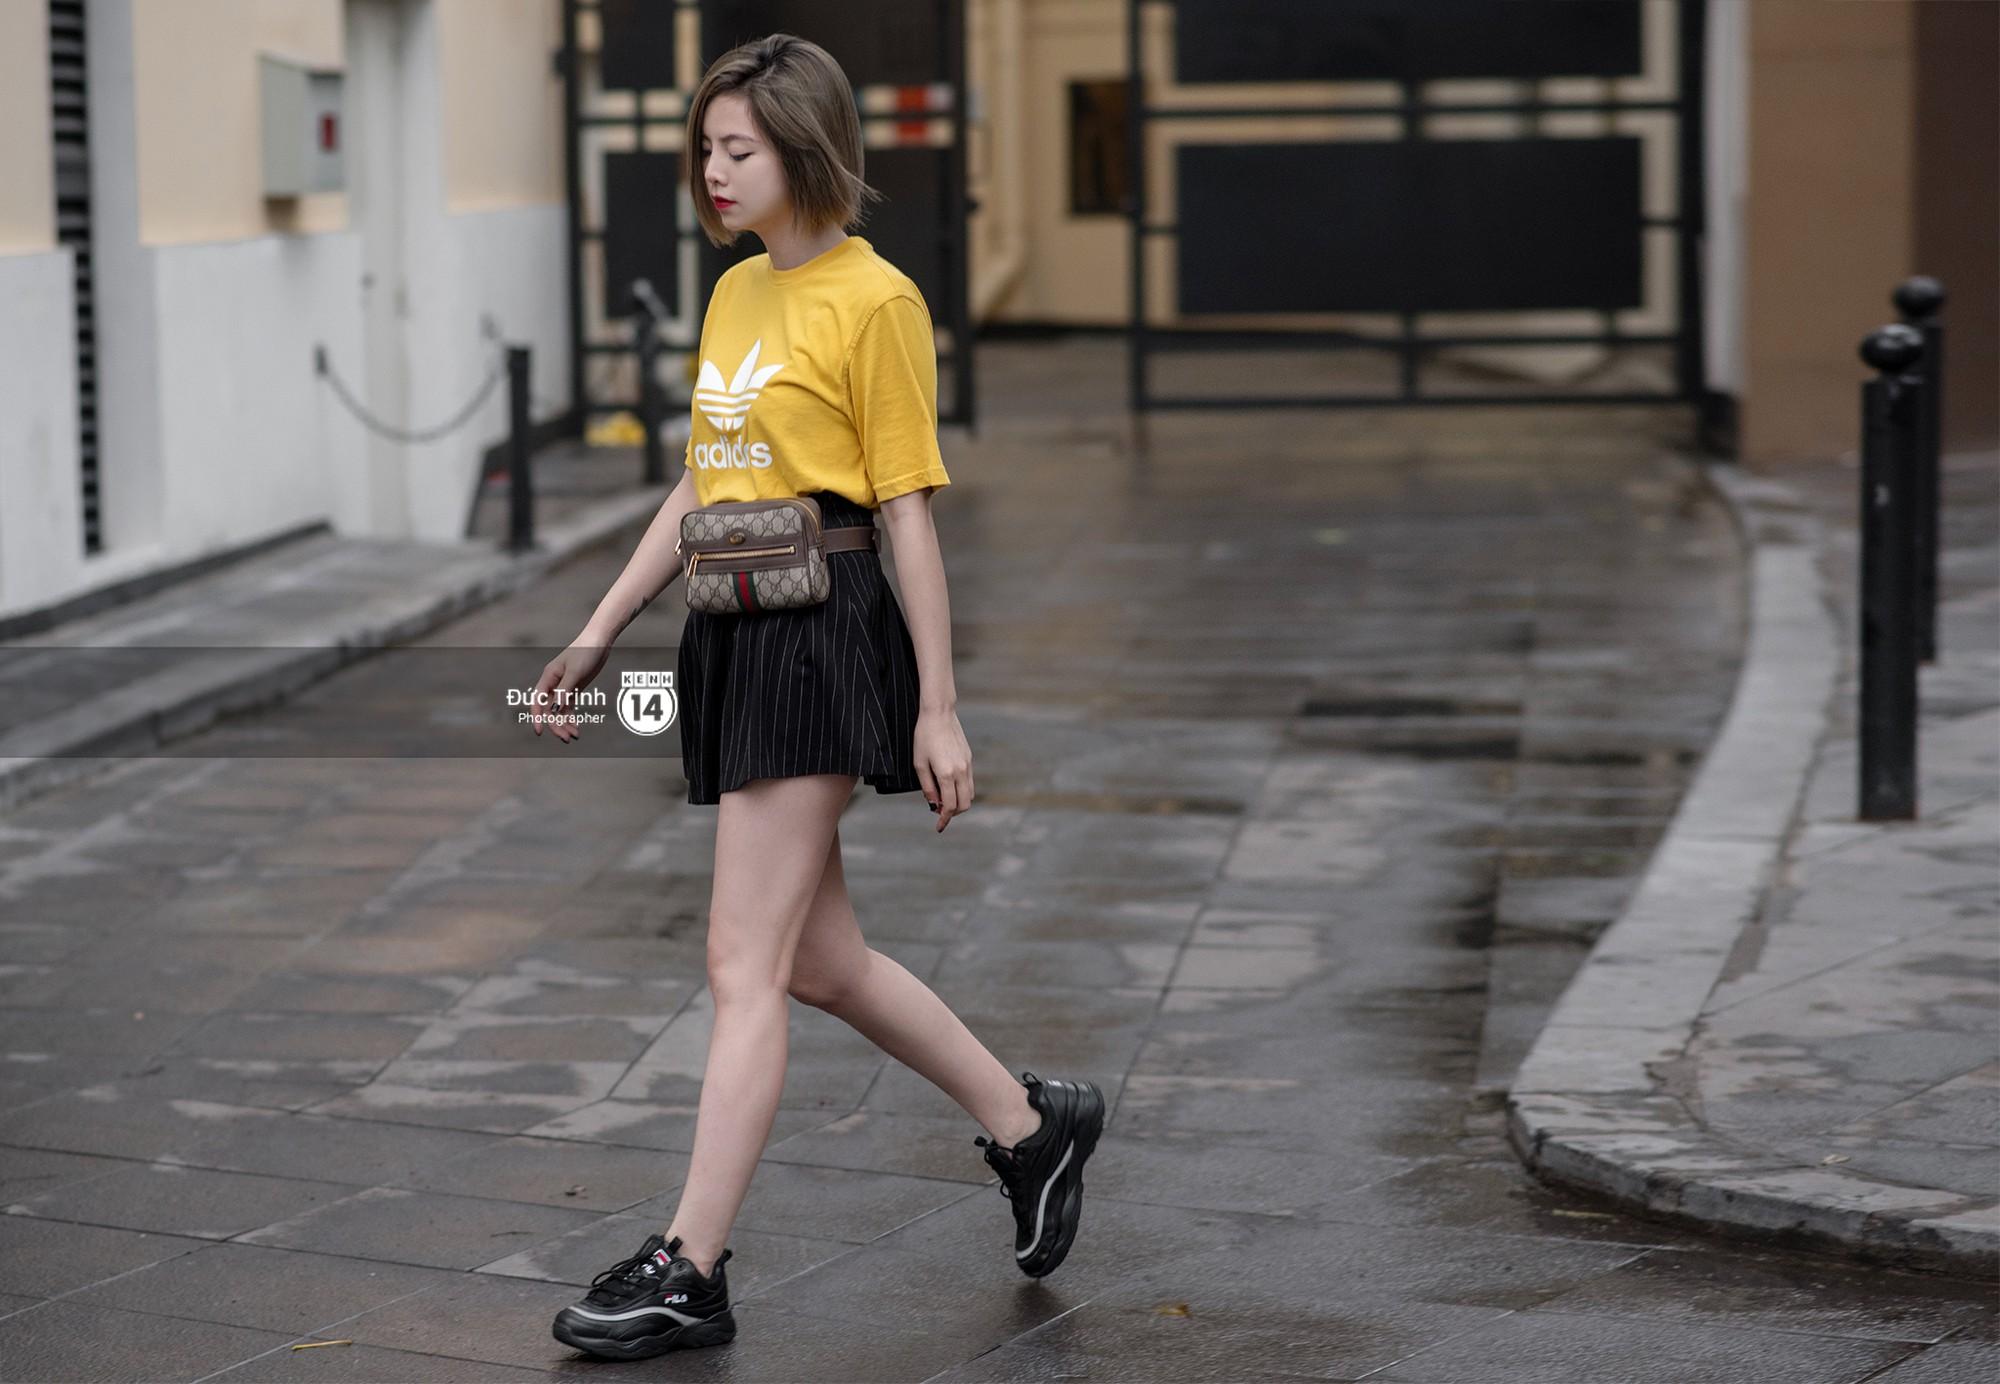 Giới trẻ 2 miền chinh phục loạt hot trend, khoe street style siêu cool và thời thượng - Ảnh 15.